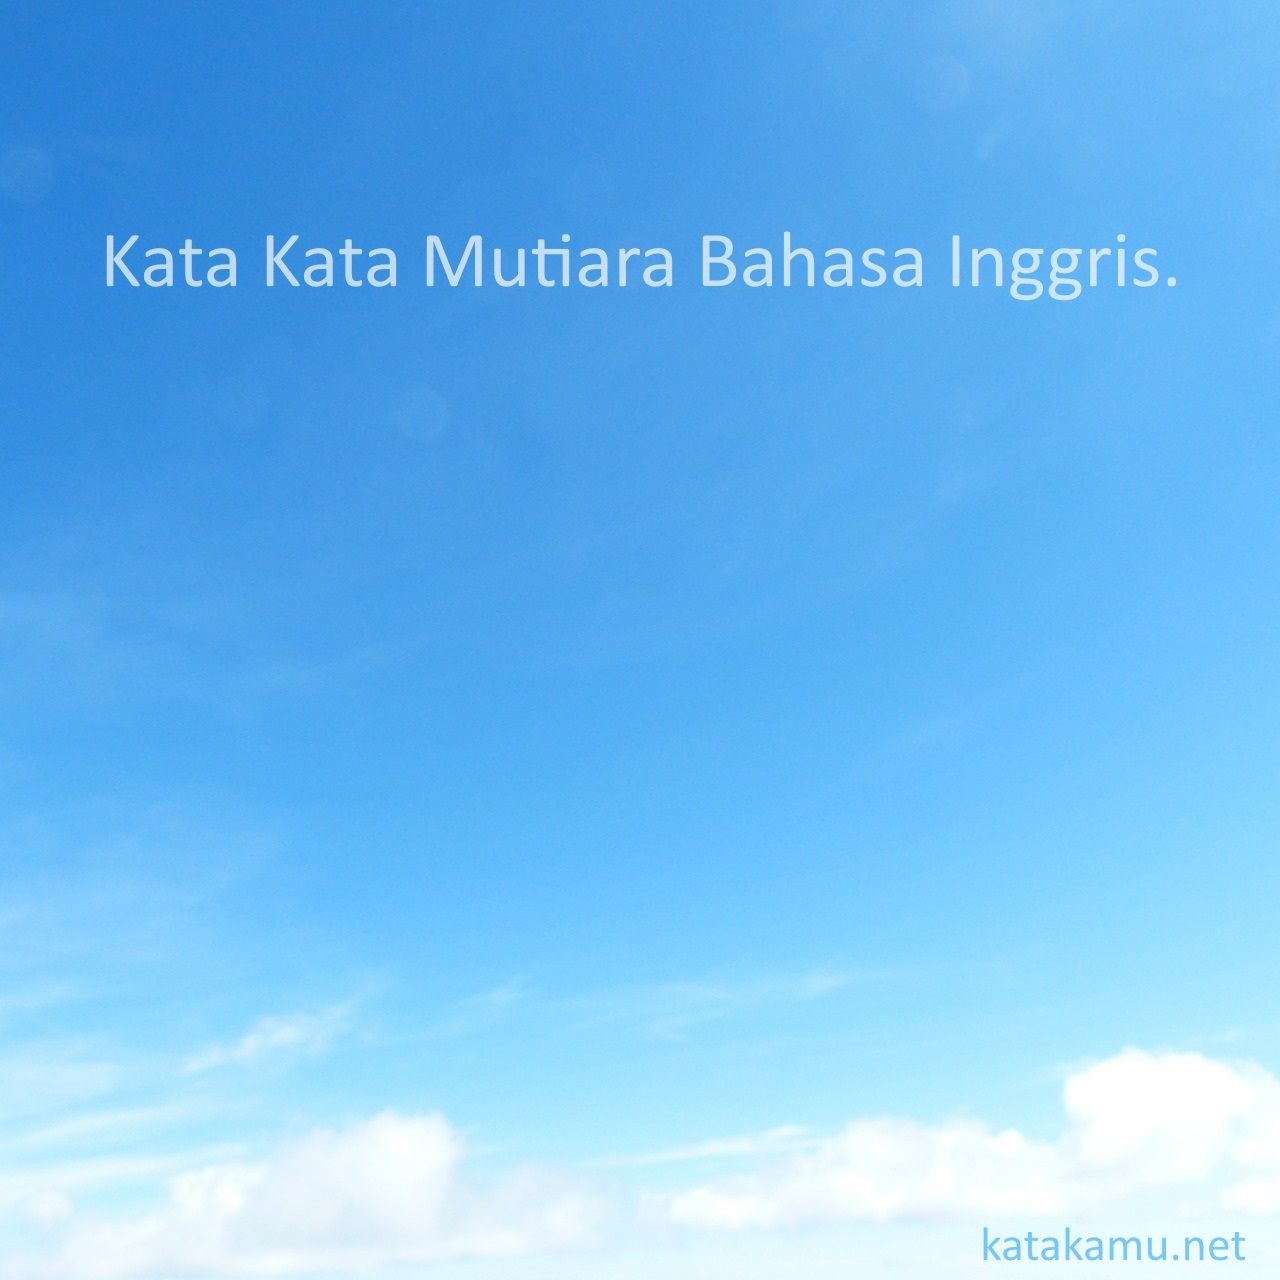 kata kata mutiara bahasa inggris